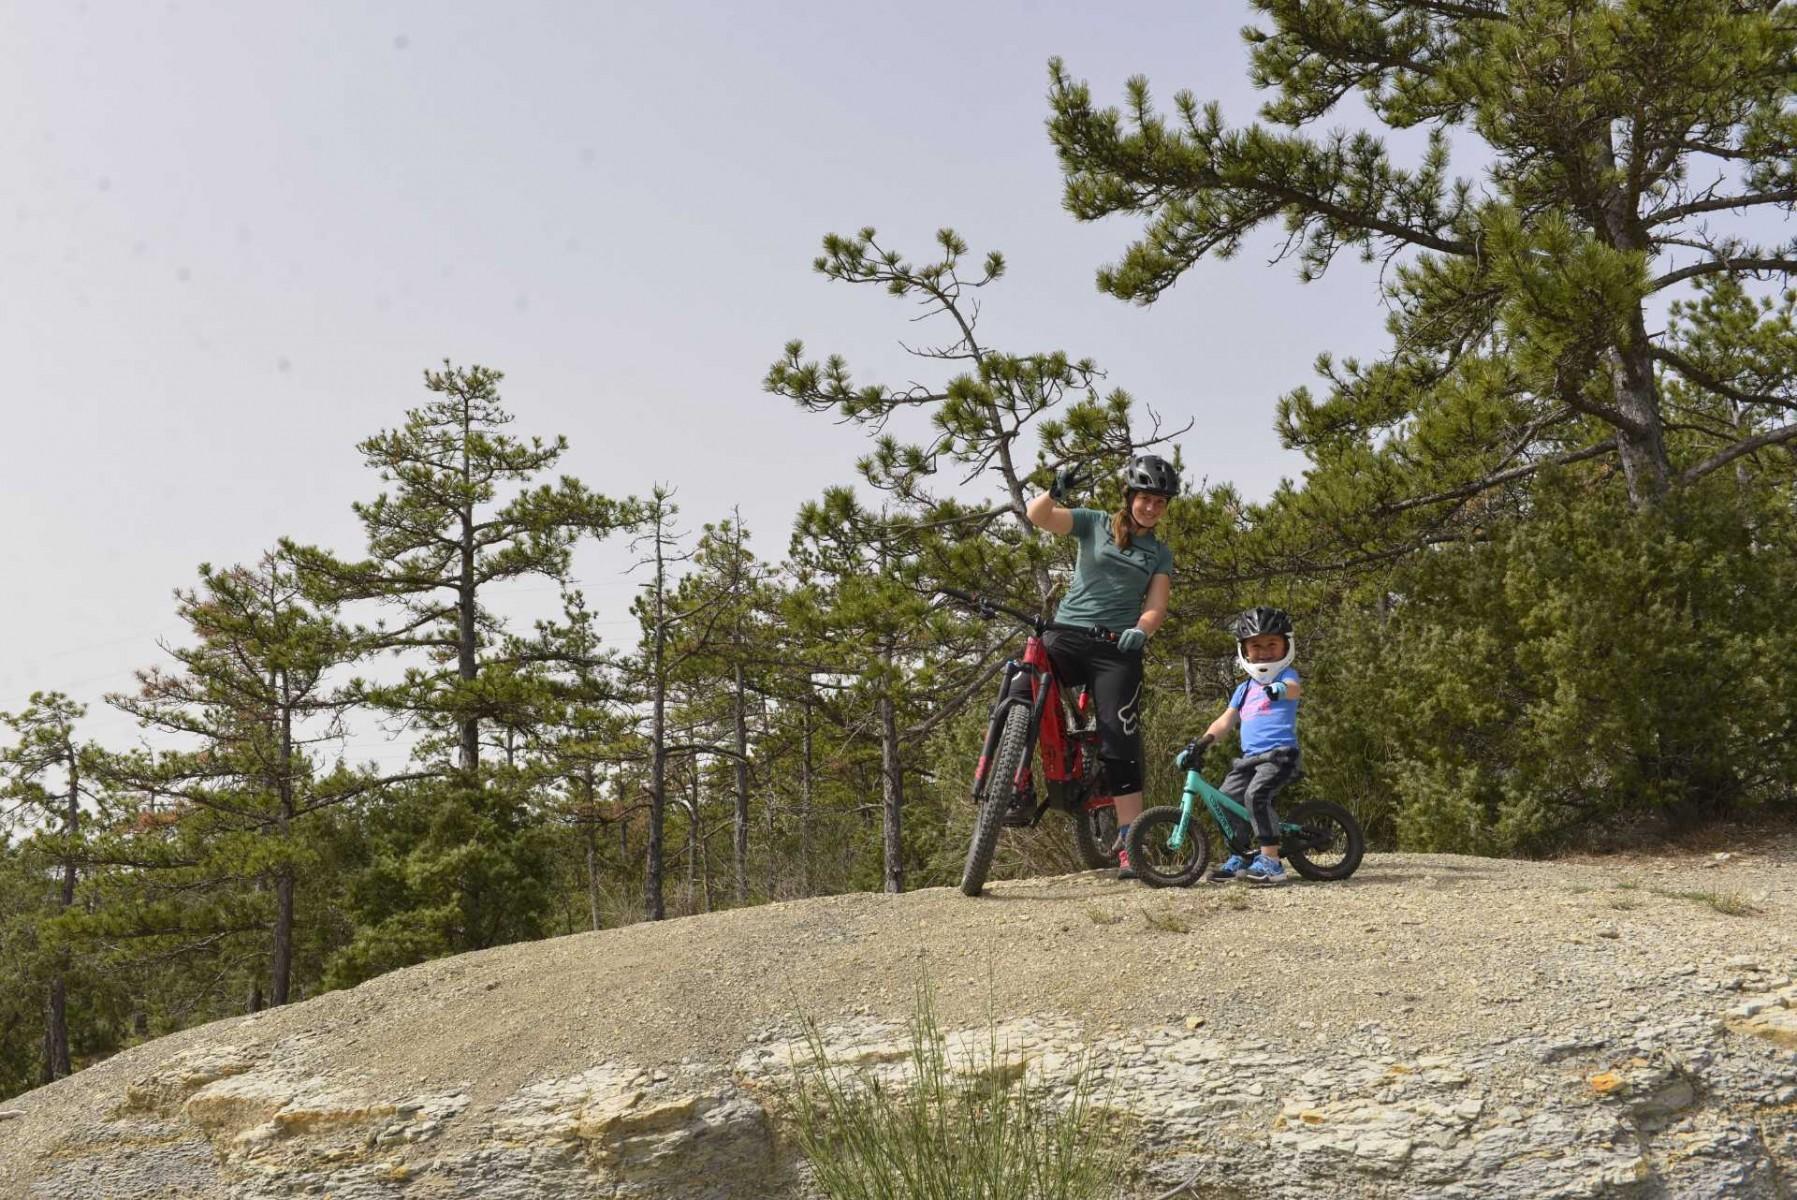 faire du vélo avec son enfant. Maman et enfant font coucou